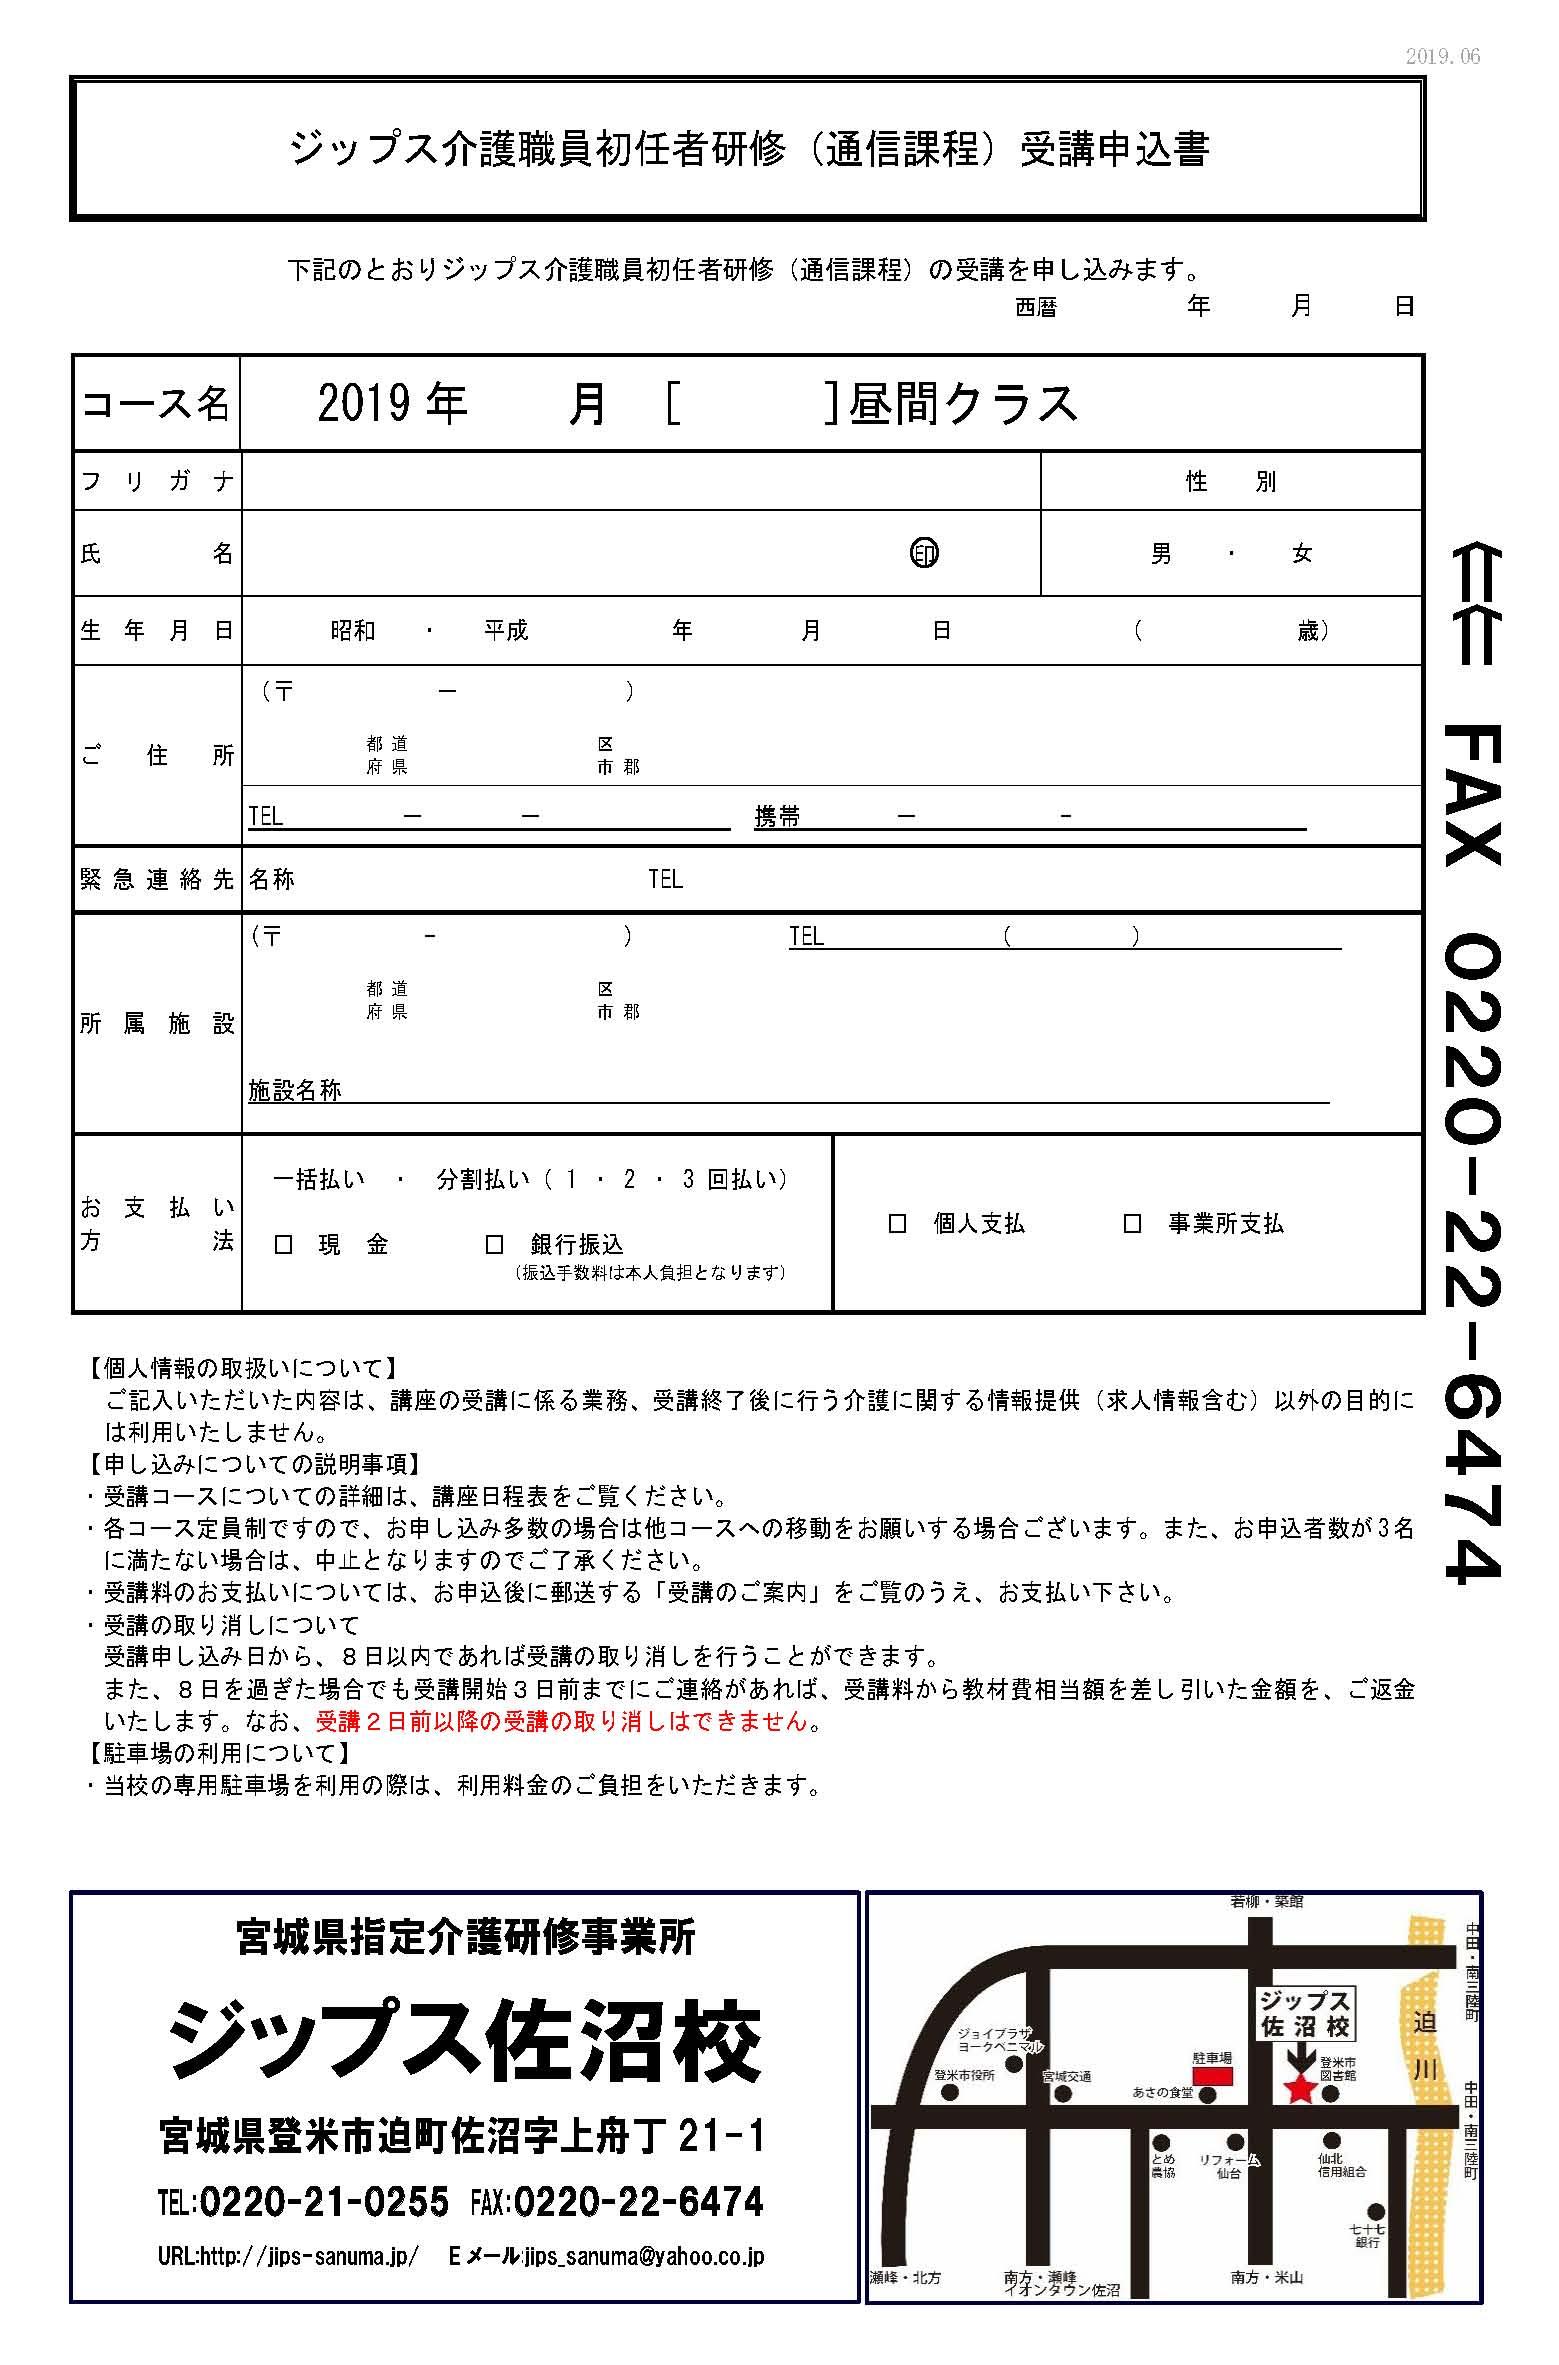 初任者研修募集チラシ2019年7月-8月_ページ_2